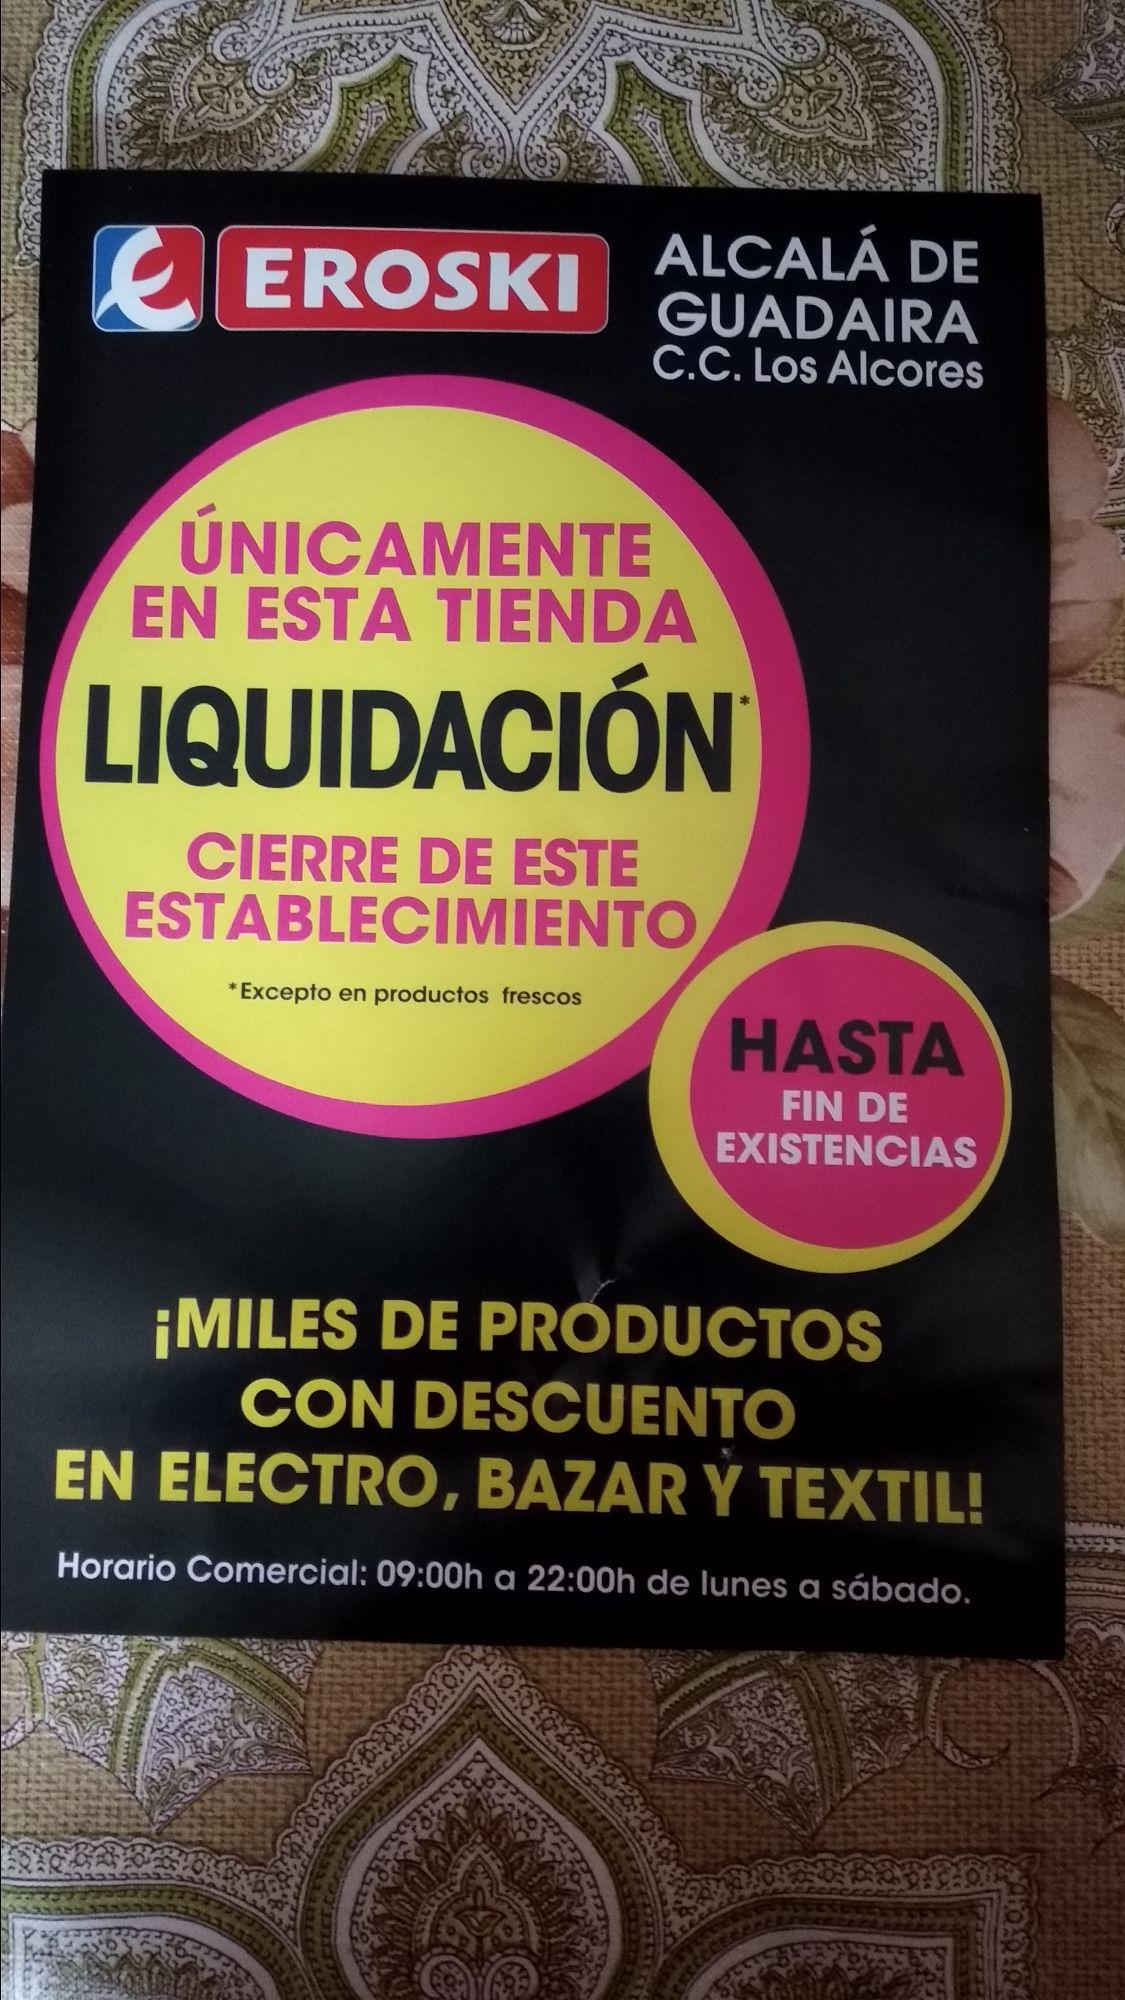 Liquidación por cierre Eroski Alcalá de Guadaira